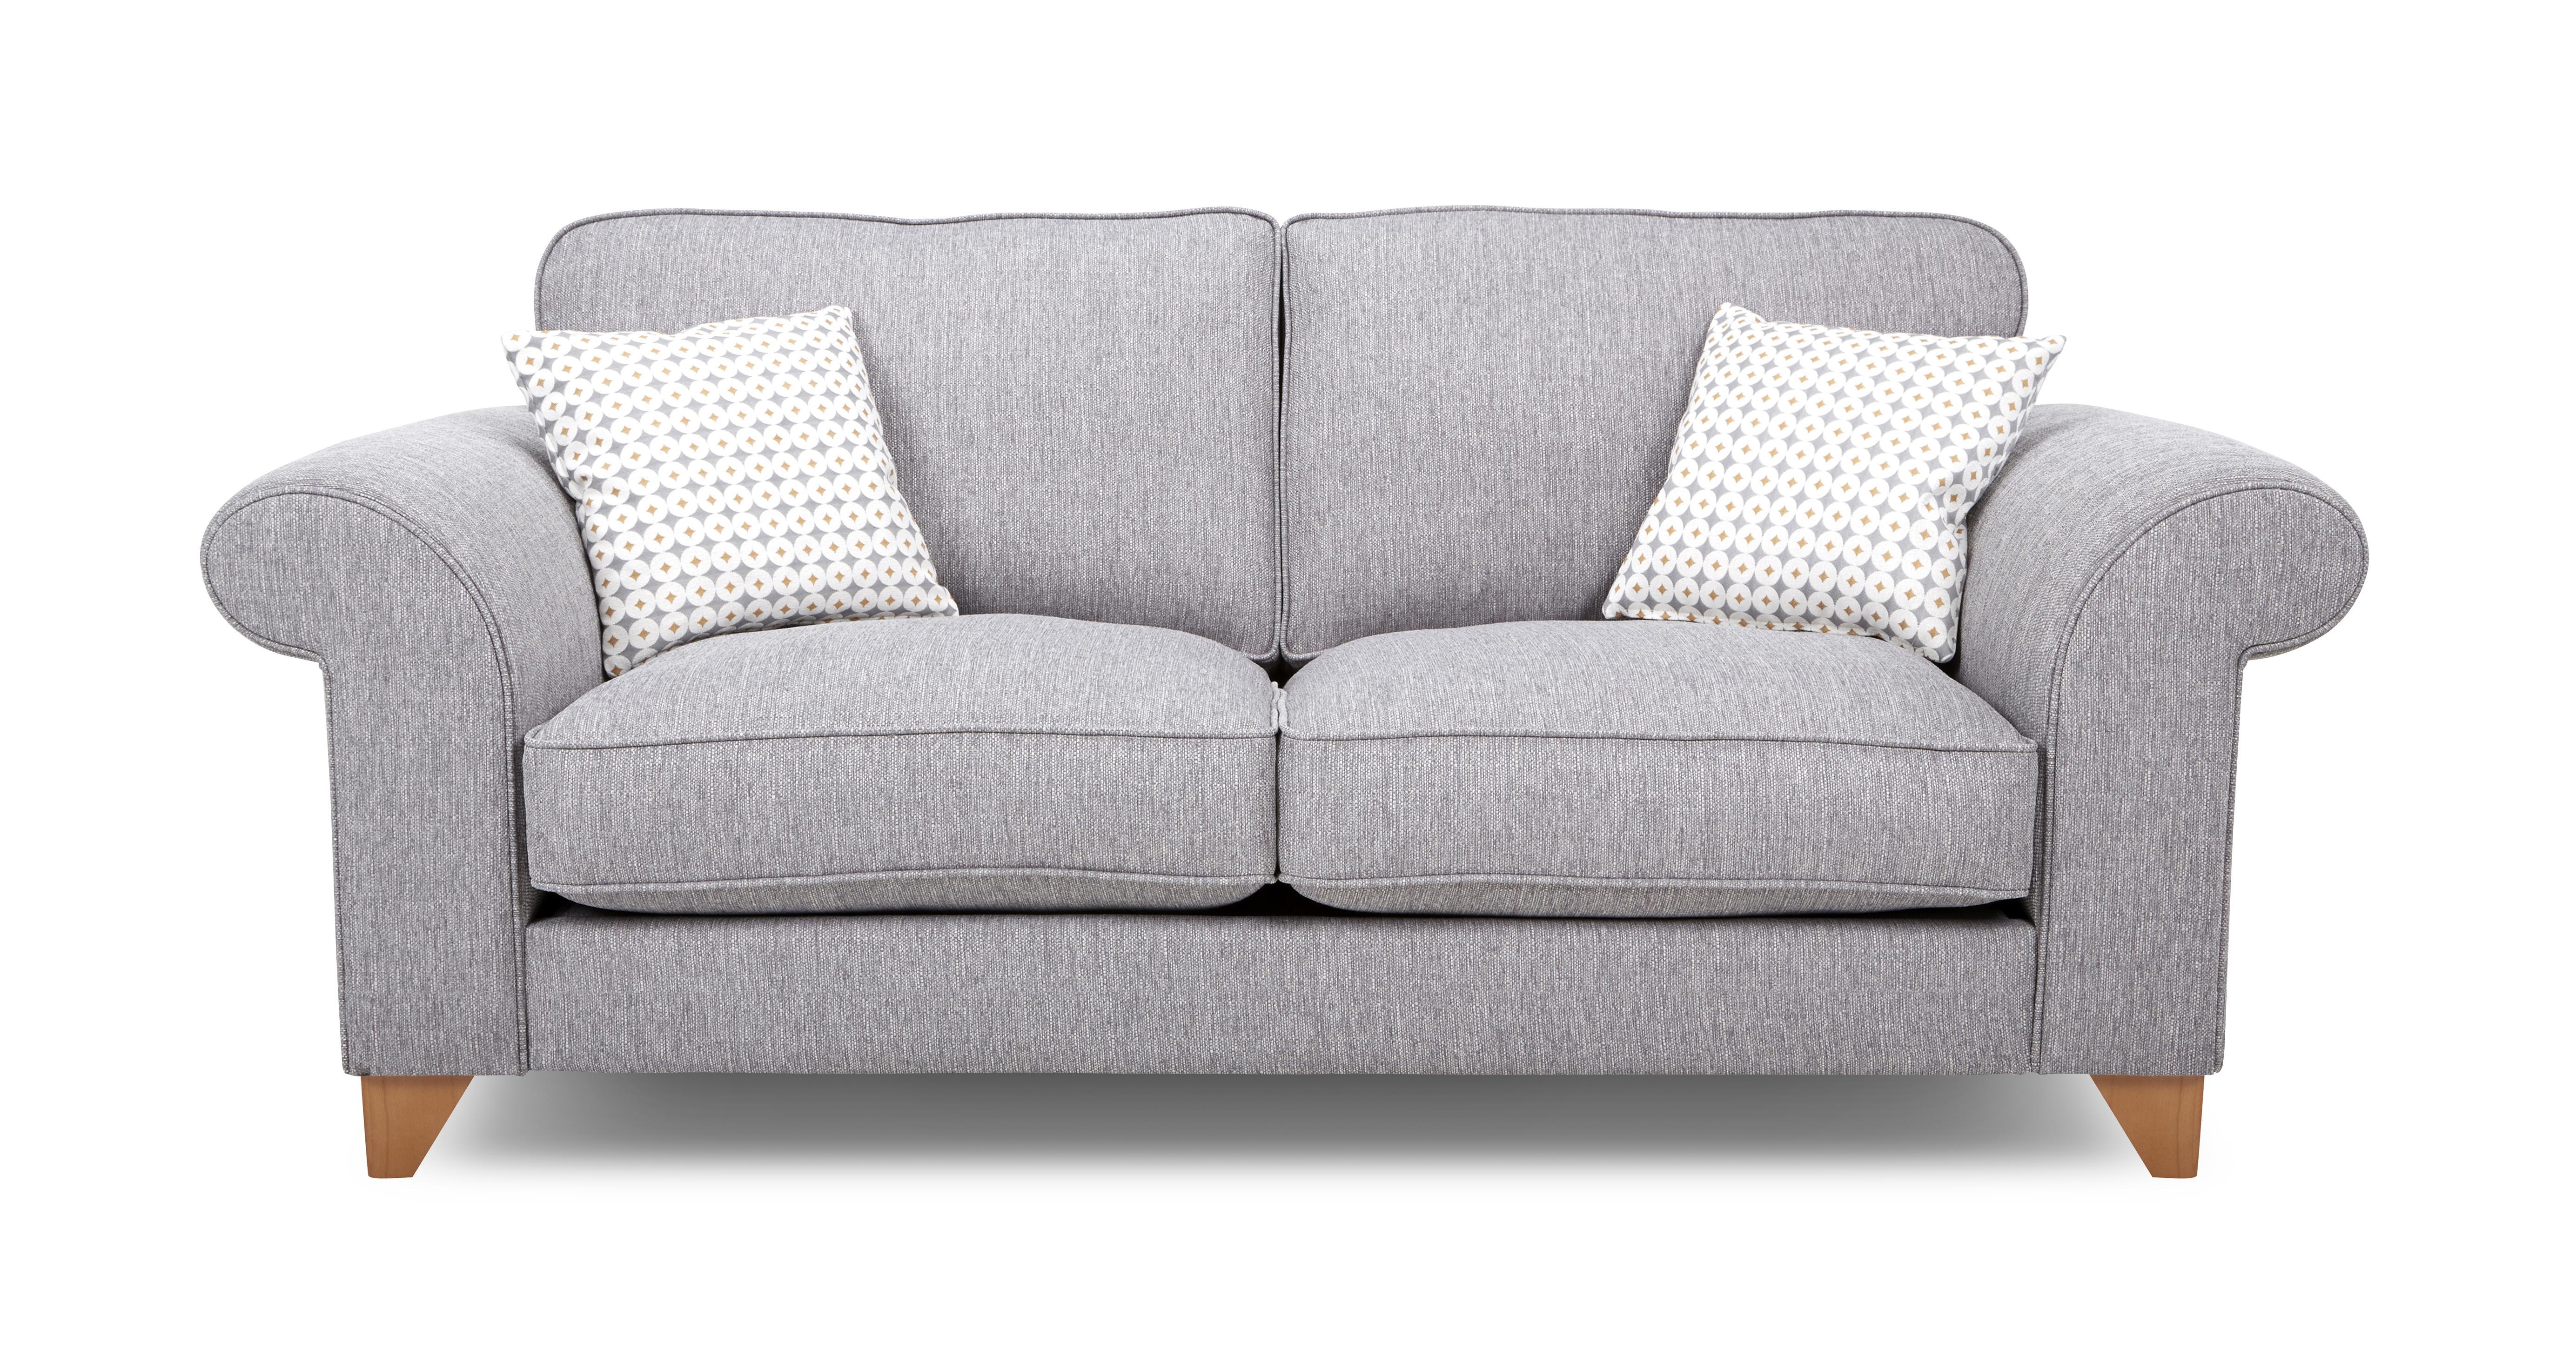 Angelic 2 zitsbank sofa dfs banken - Sofa stijl jaar ...